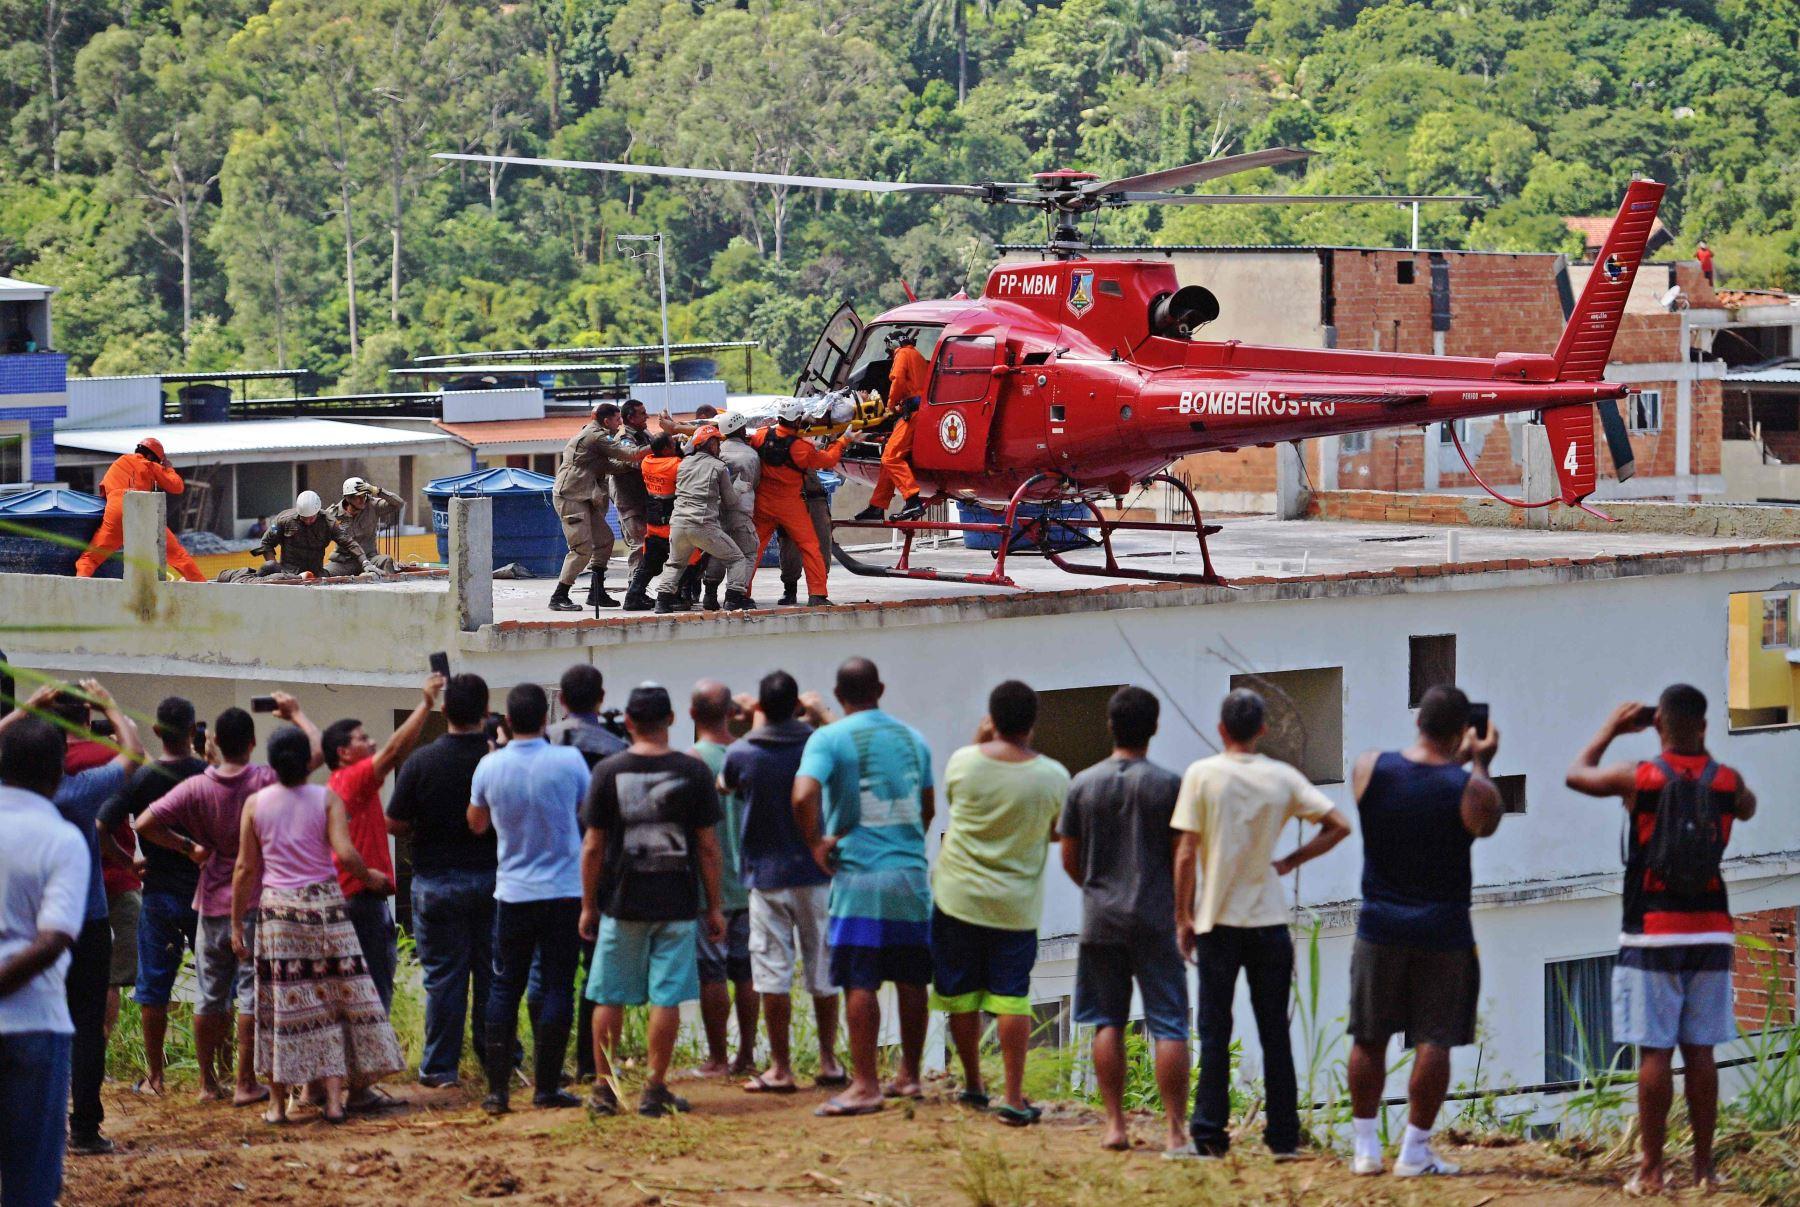 La gente observa cómo una persona lesionada es llevada en un helicóptero de rescate luego de que dos edificios colapsaran en Muzema, Río de Janeiro, Brasil, el 12 de abril de 2019. Foto: AFP